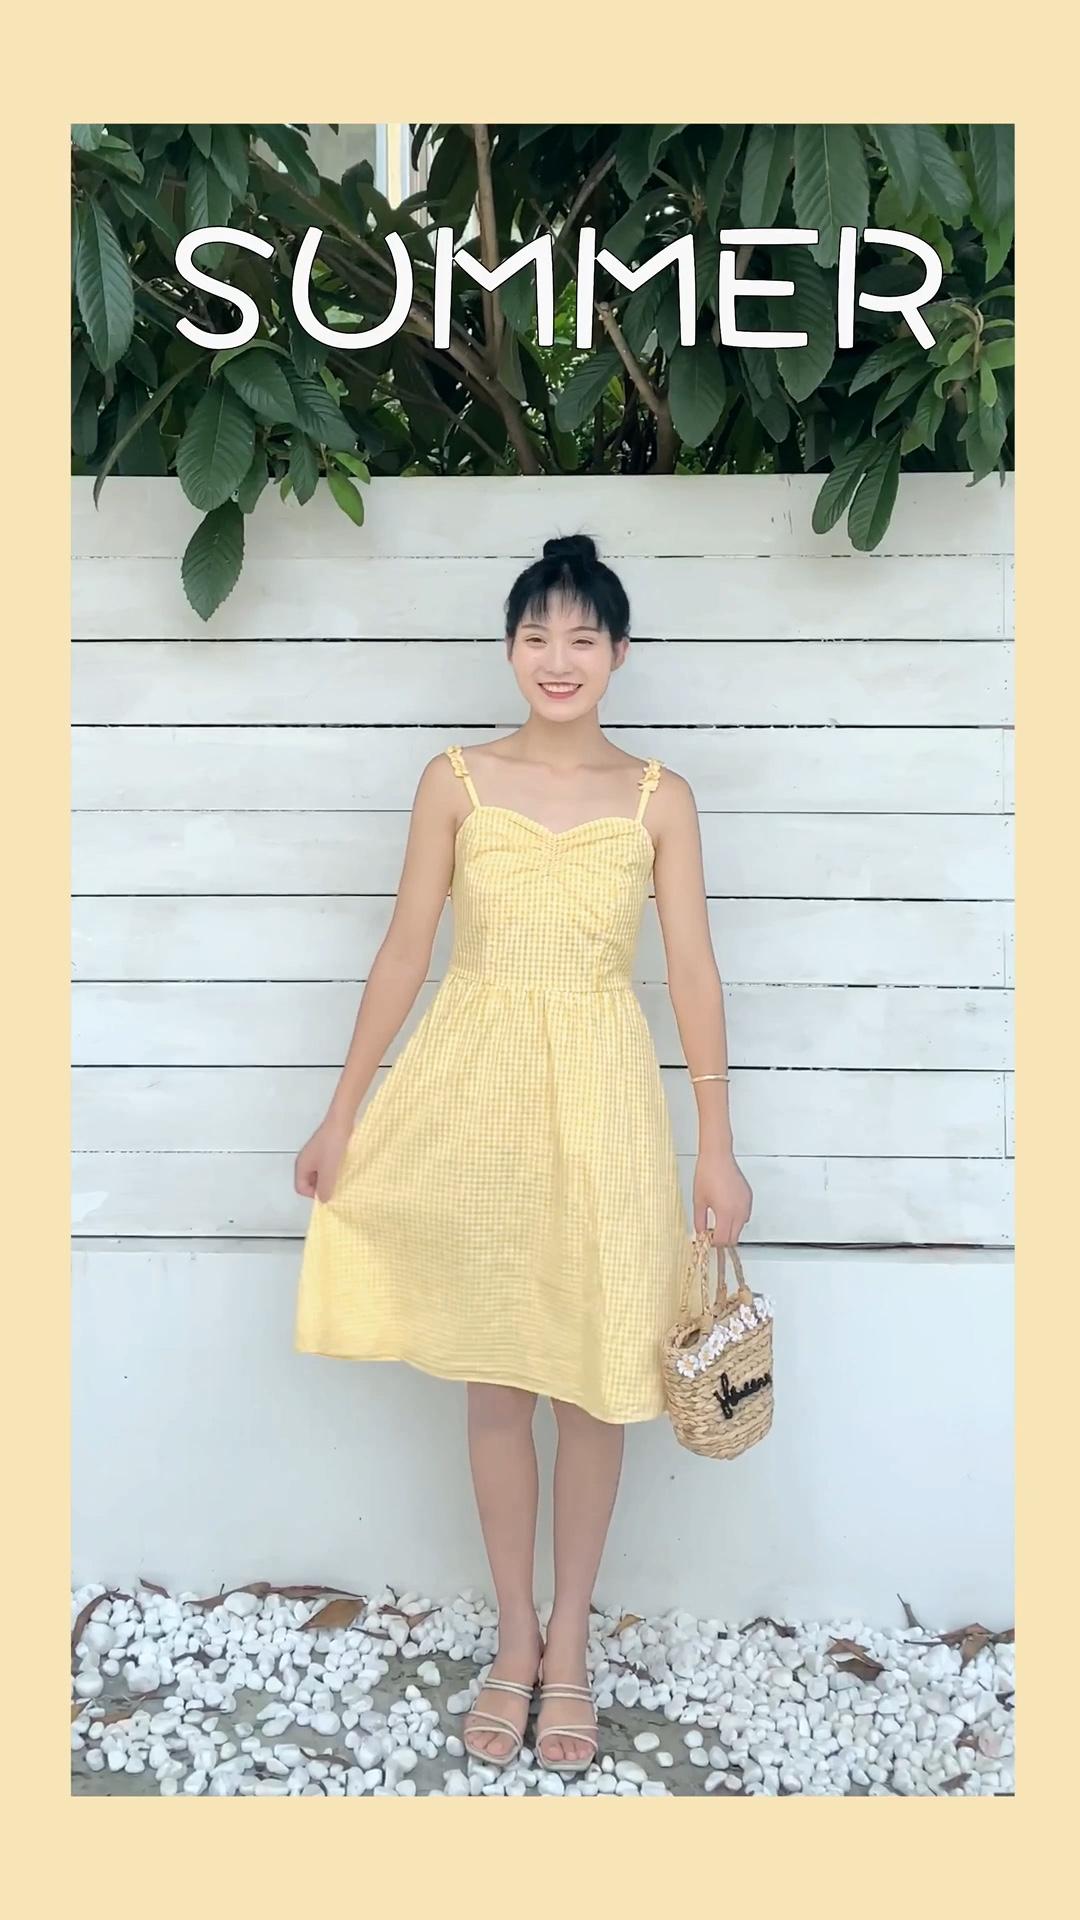 这款连衣裙黄色非常复古 也不会显黑 很衬肤色喔 后面设计干净气质 微漏肉 性感诱惑 胸前褶皱效果 增加了少女感 短裙设计展现大长腿 日常穿着 度假绝对是一道亮丽的风景线  #开学各专业女生穿搭大赛#